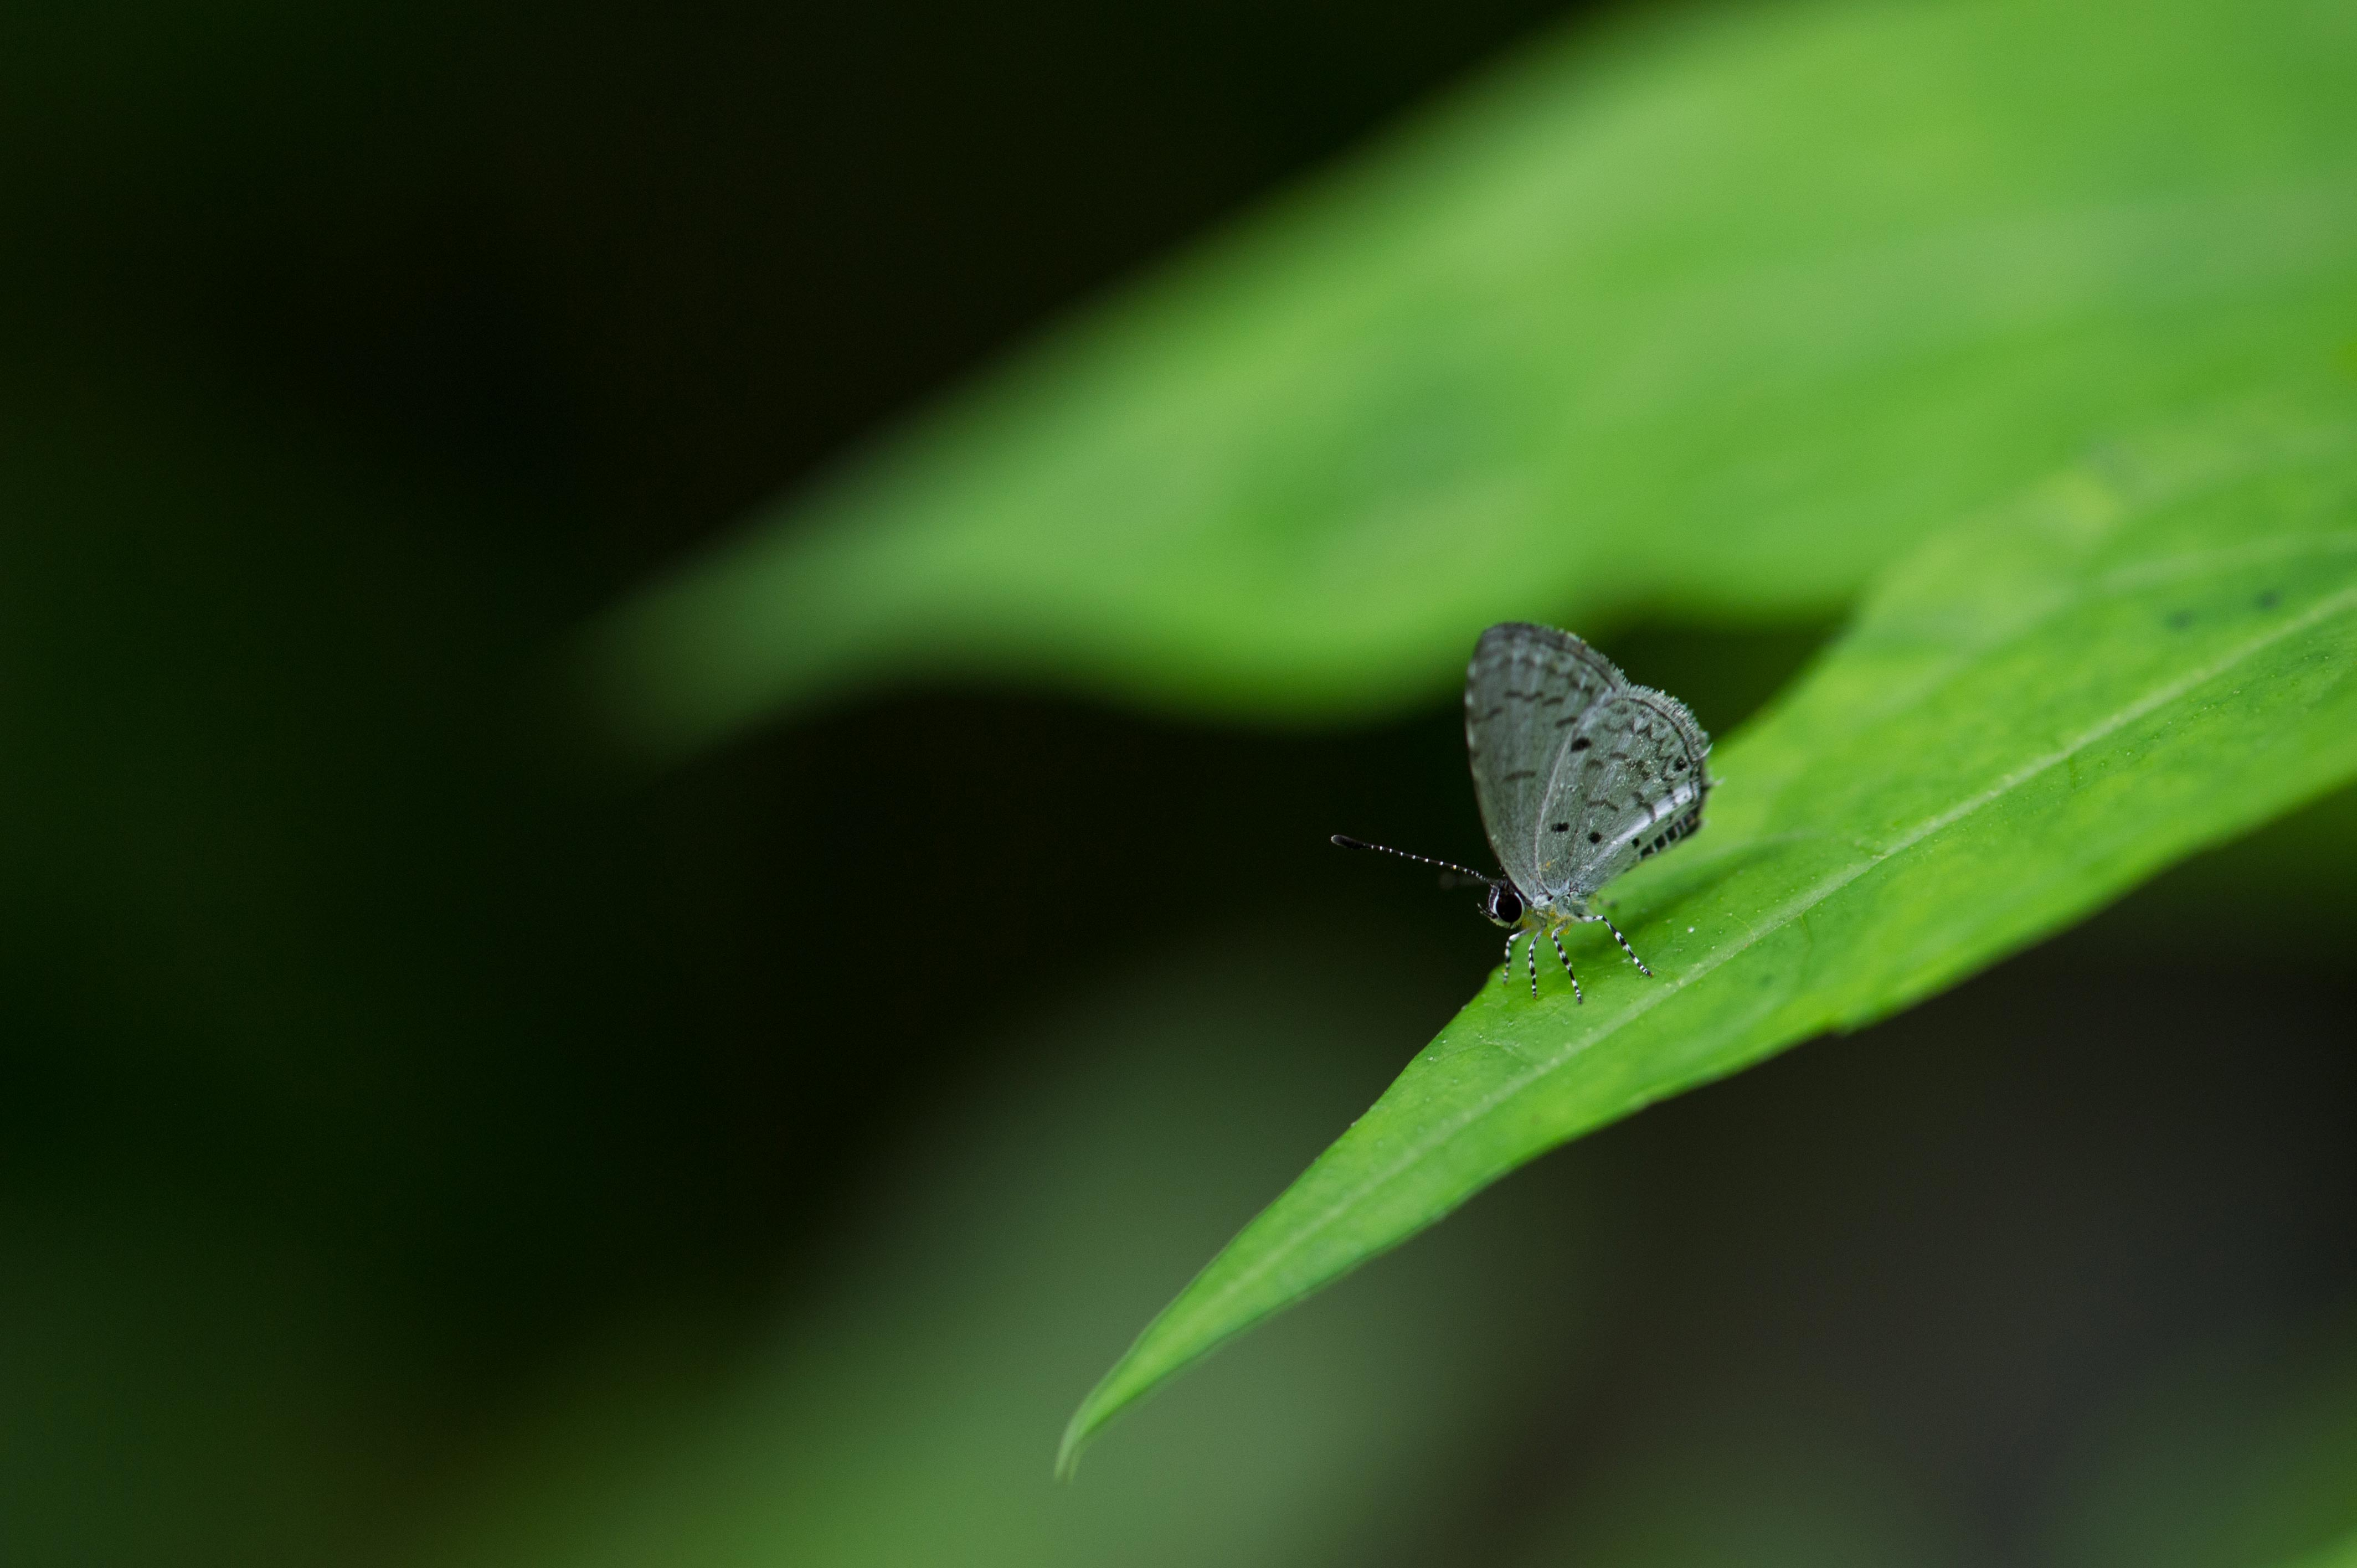 タイワンクロボシシジミの写真